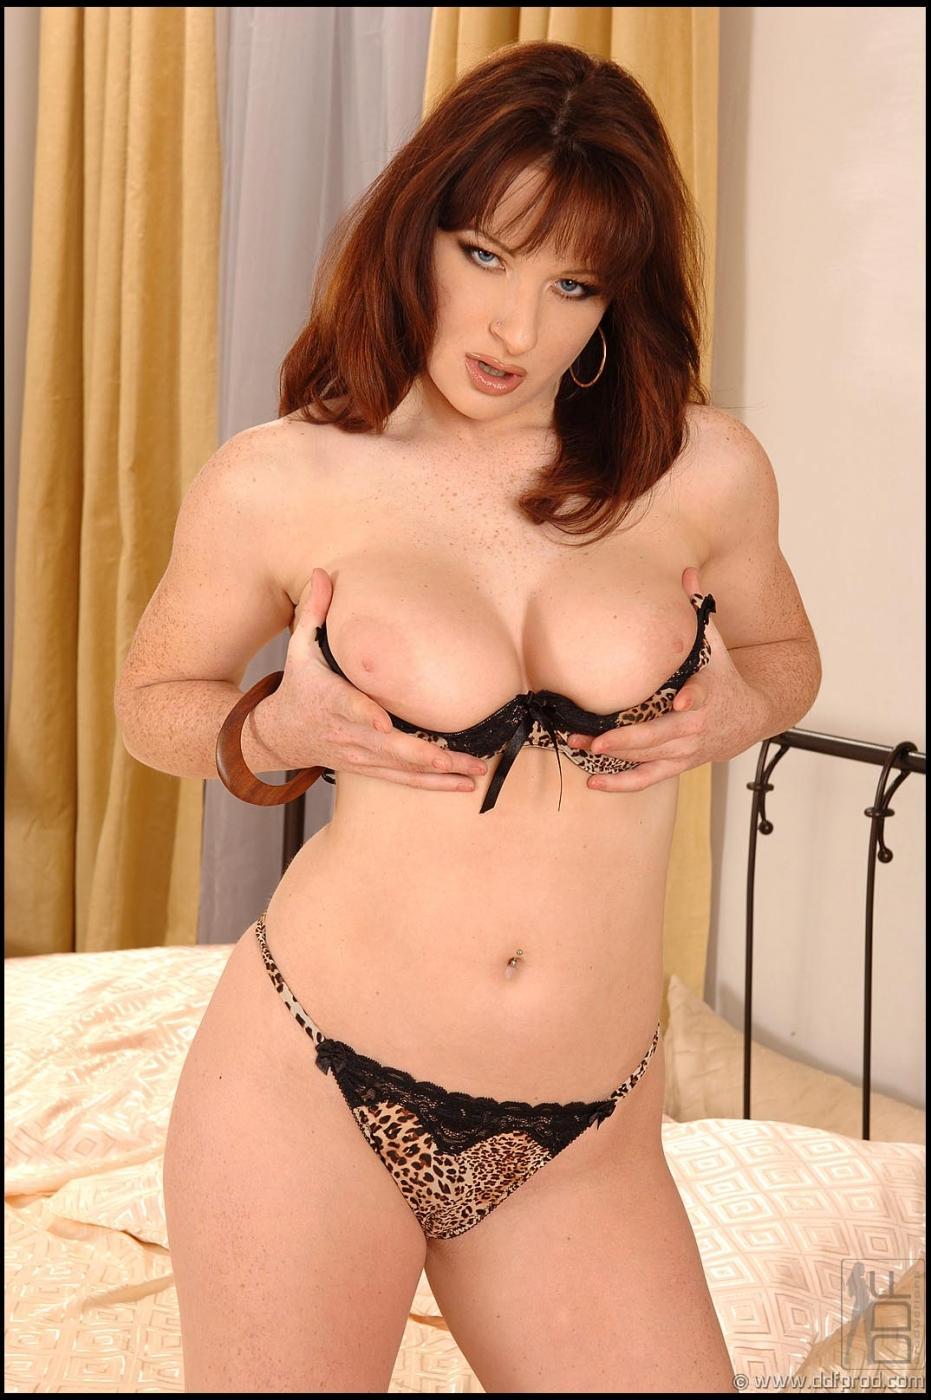 Русая порноактрисса Mischel трясет буферами с гигантскими сосками и соблазнительно фоткается в кровати